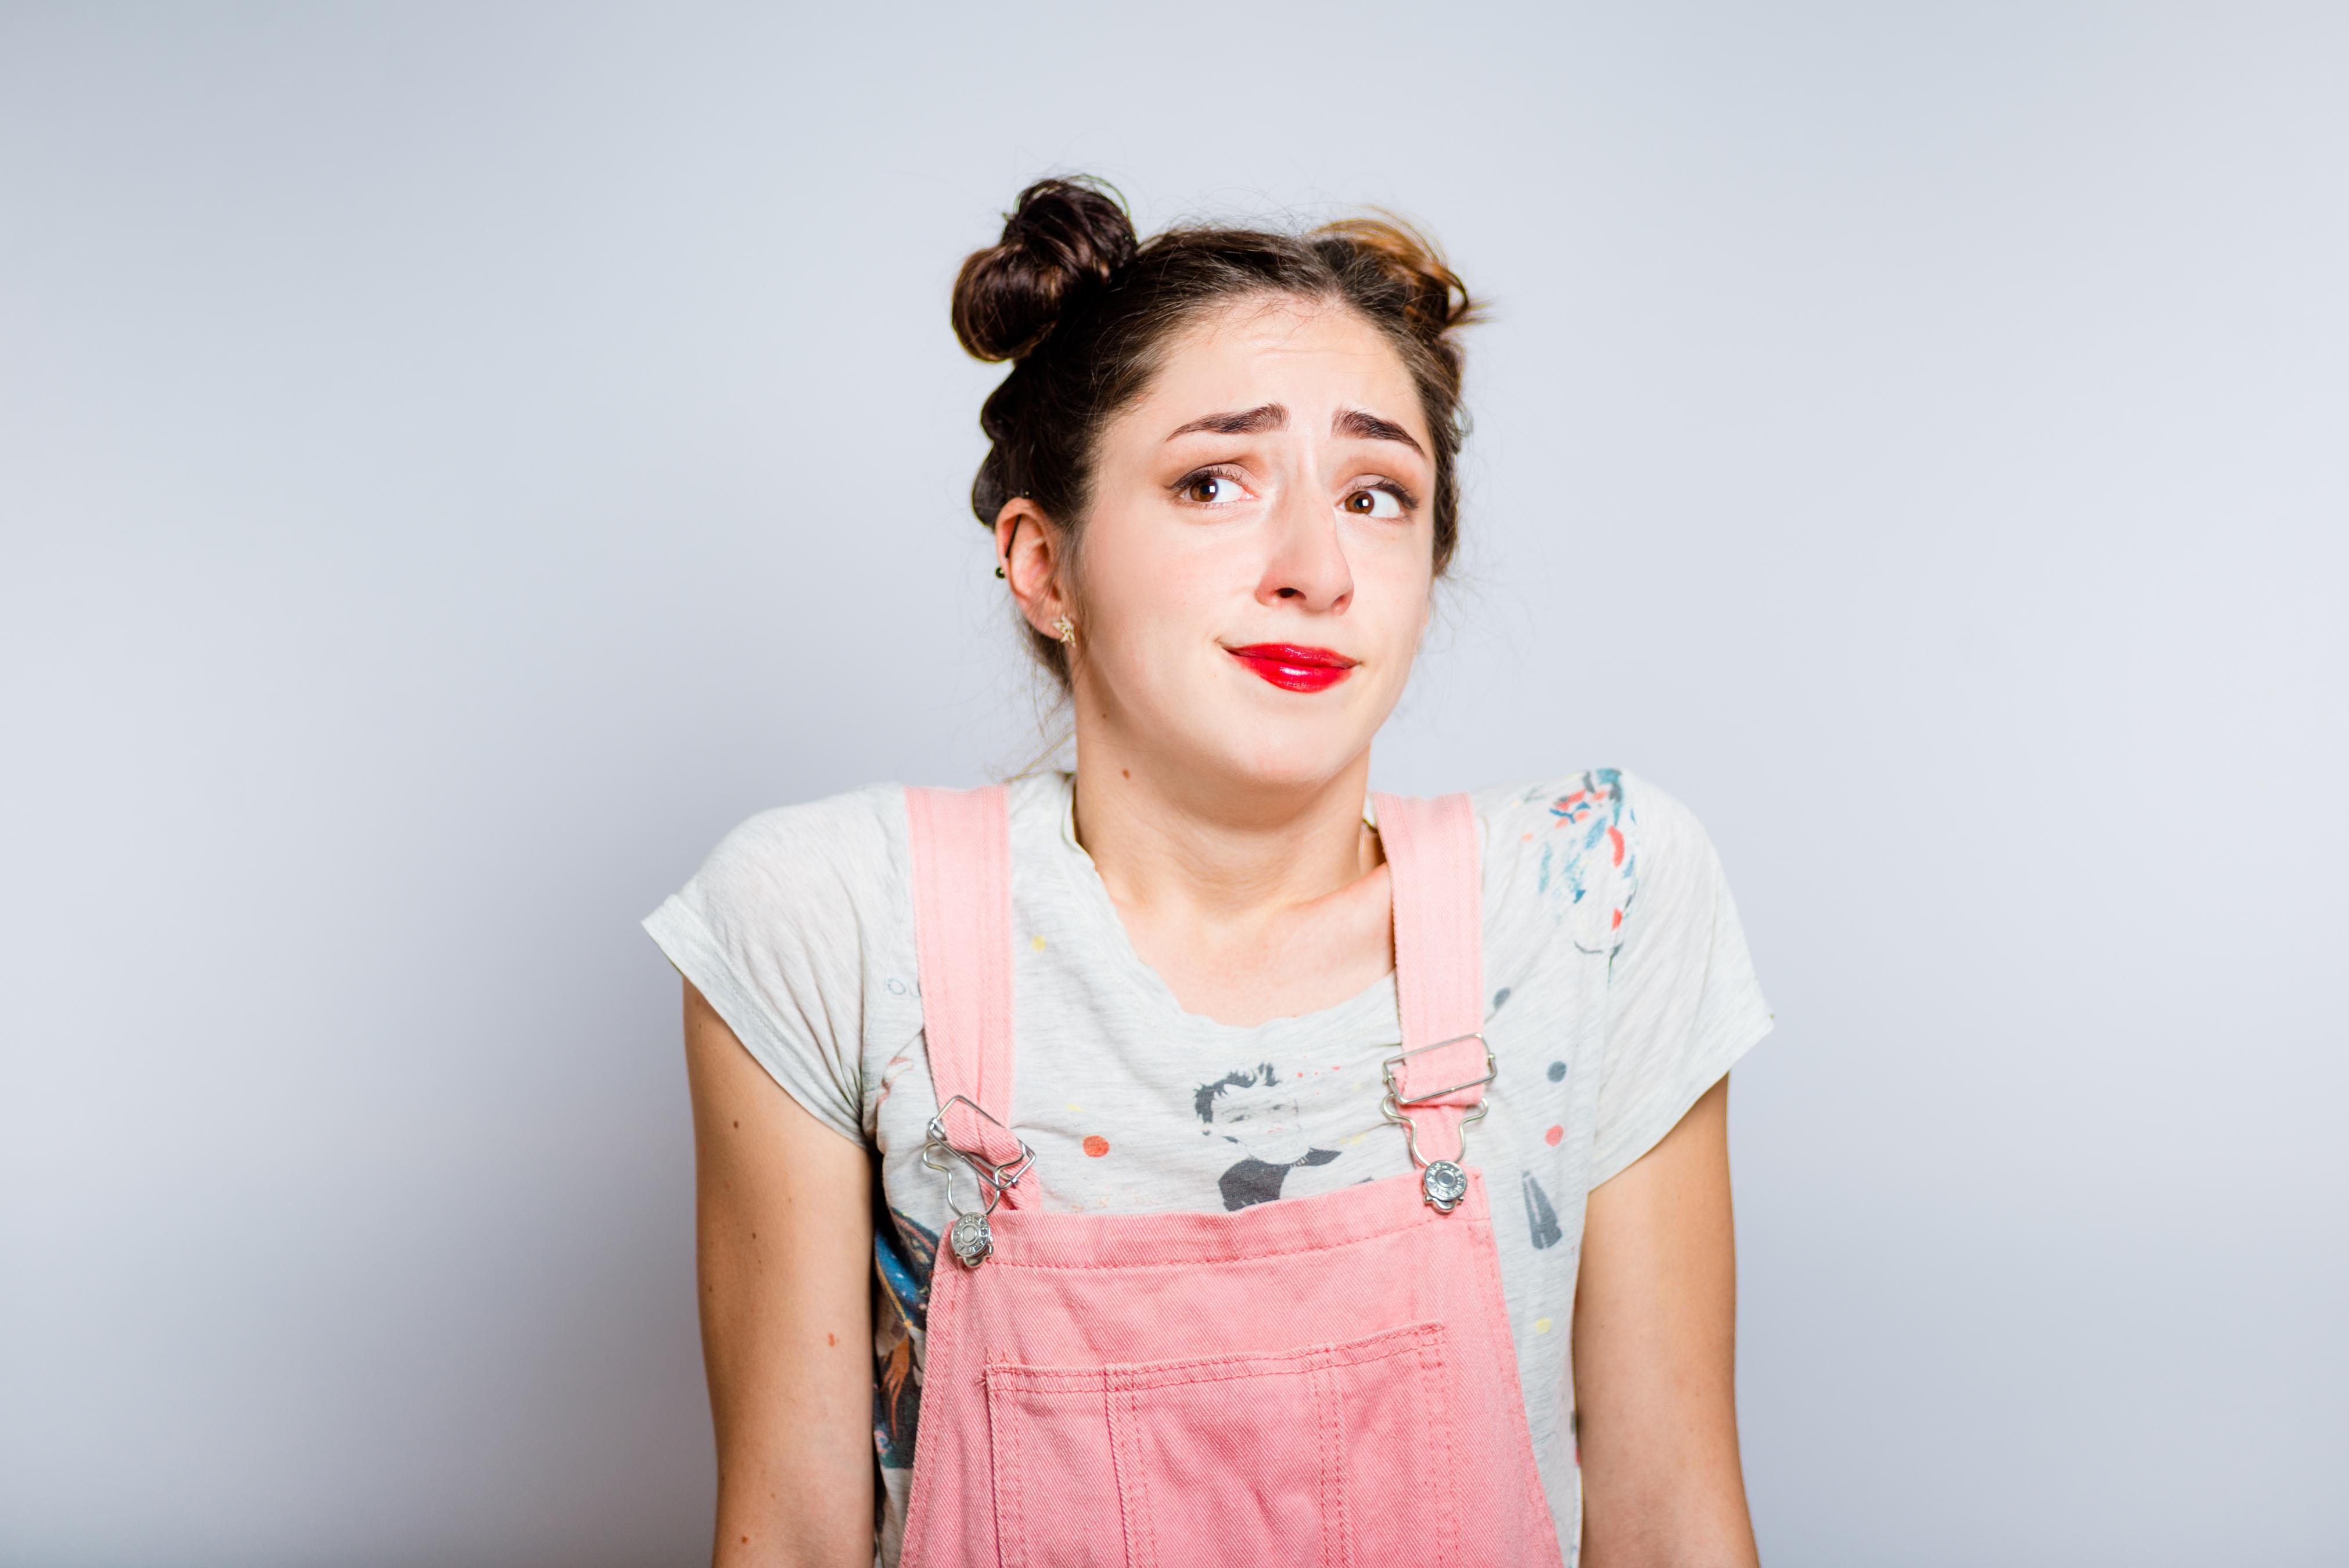 Särskilt pinsamt att prata mens är det bland unga. I åldrarna 16–25 år är det 16 procent som hellre väljer ett annat ord när de pratar om mens.